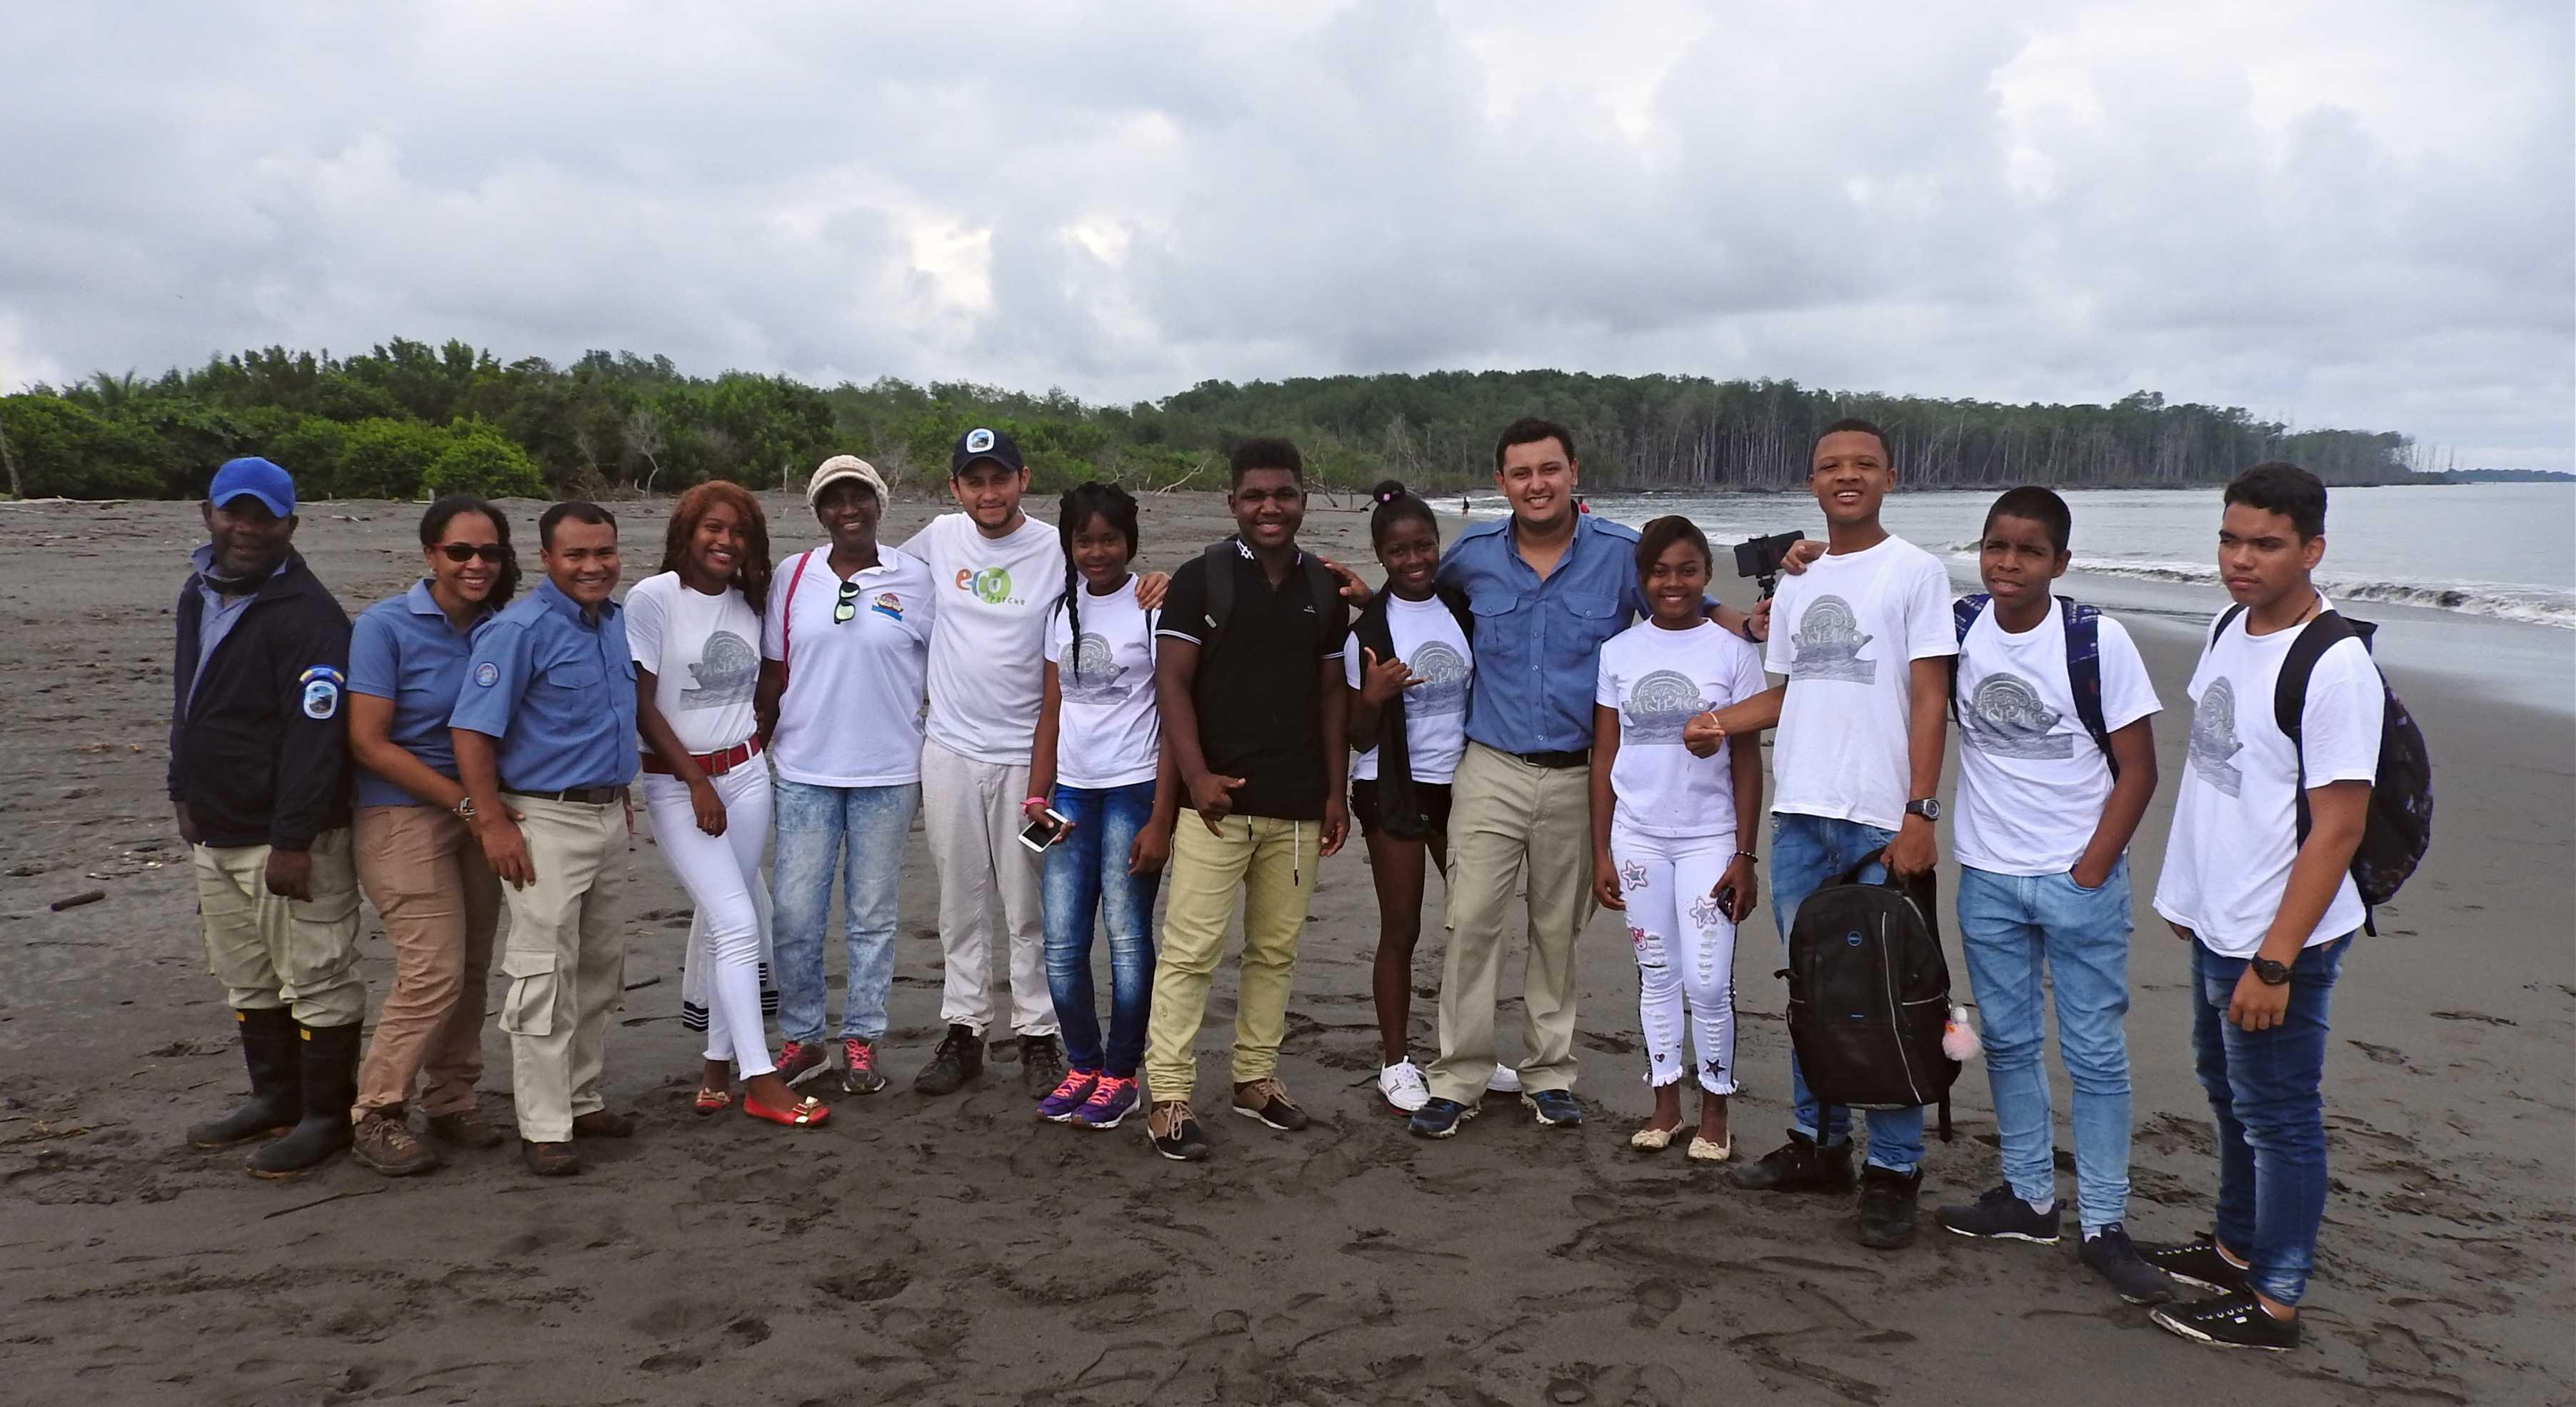 historias/nario/liderazgo-juvenil-en-el-pacifico